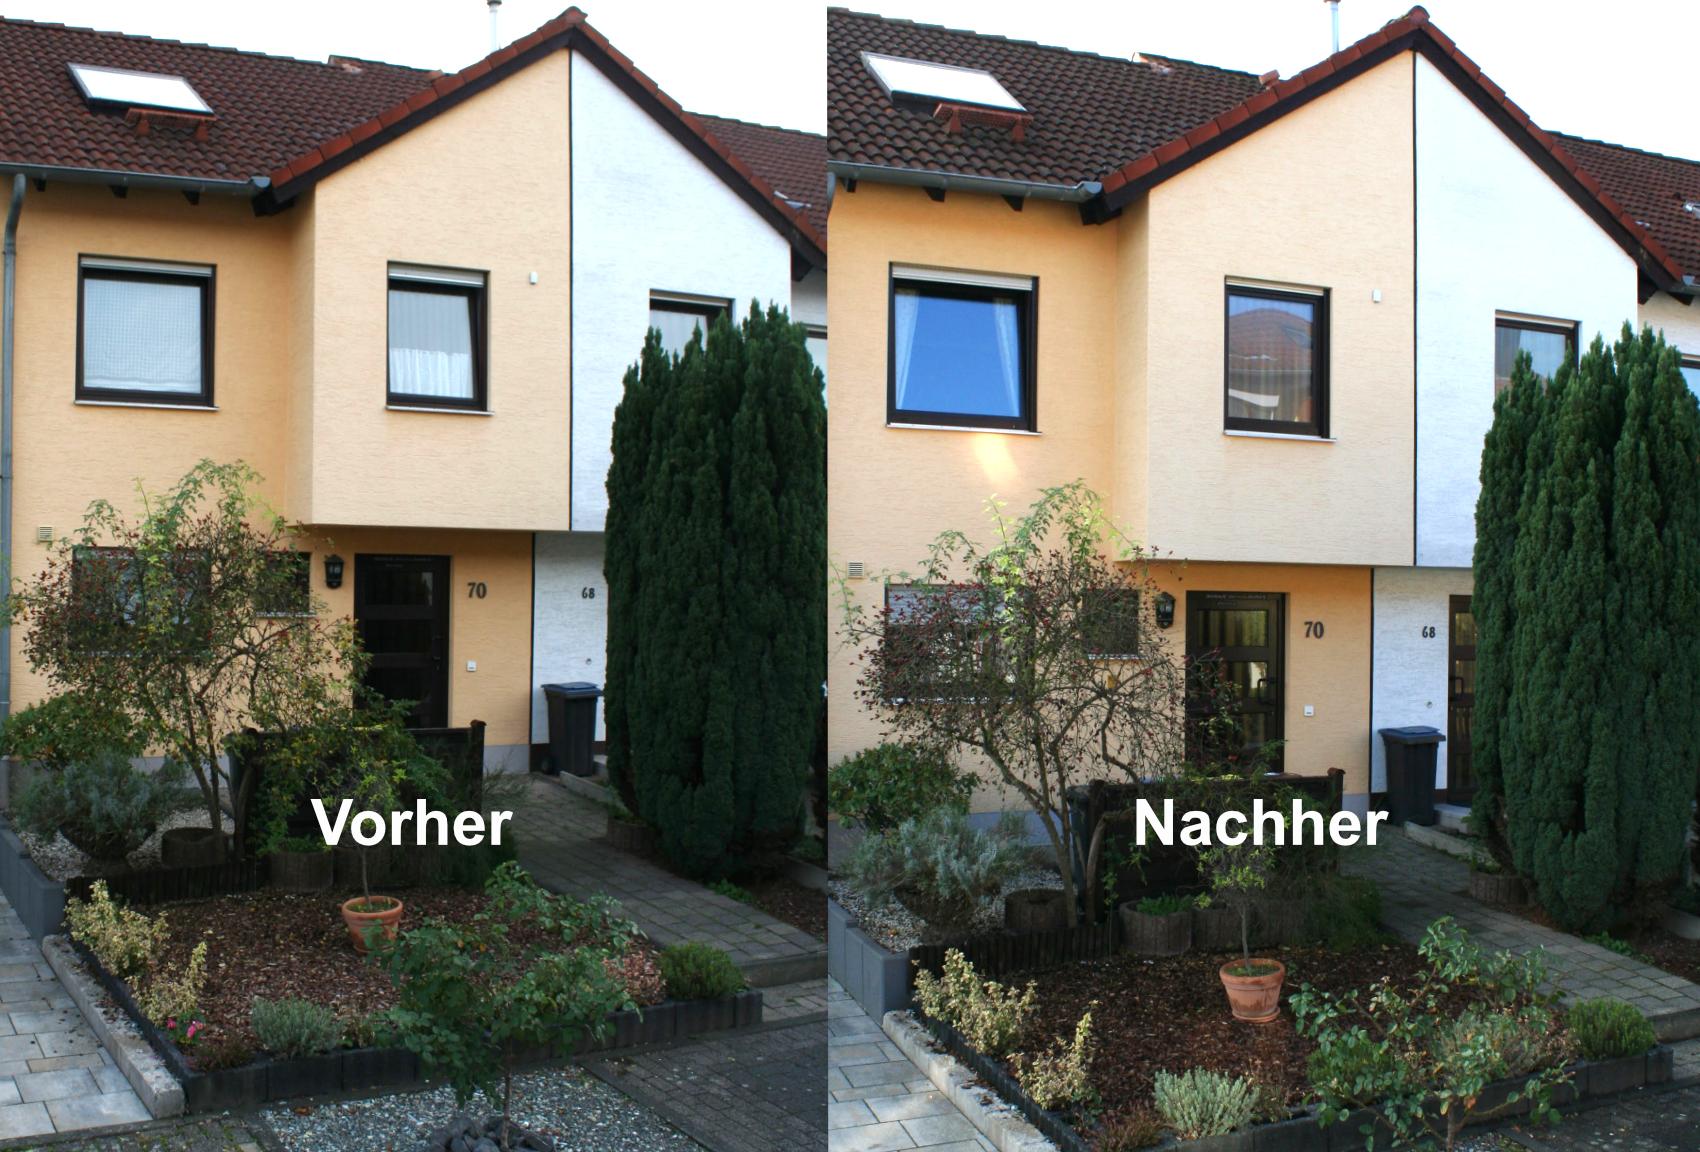 Fassaden-Optik erhalten